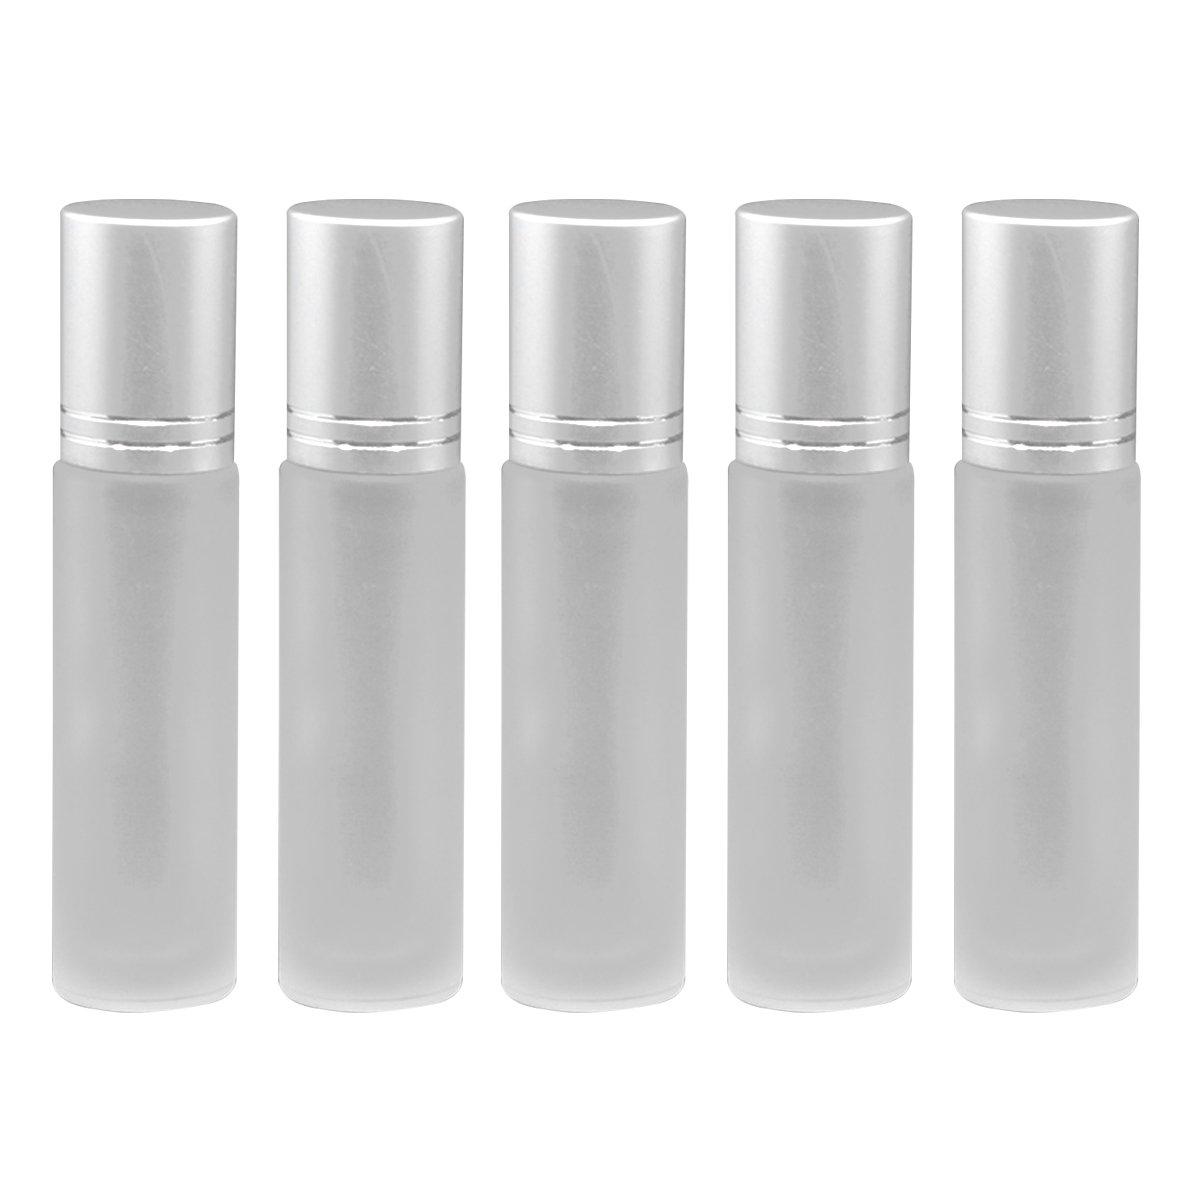 Healifty Glas Flaschen mit Roller Bällen Ätherisches Öl Roller Flaschen 10ml 5 Stück